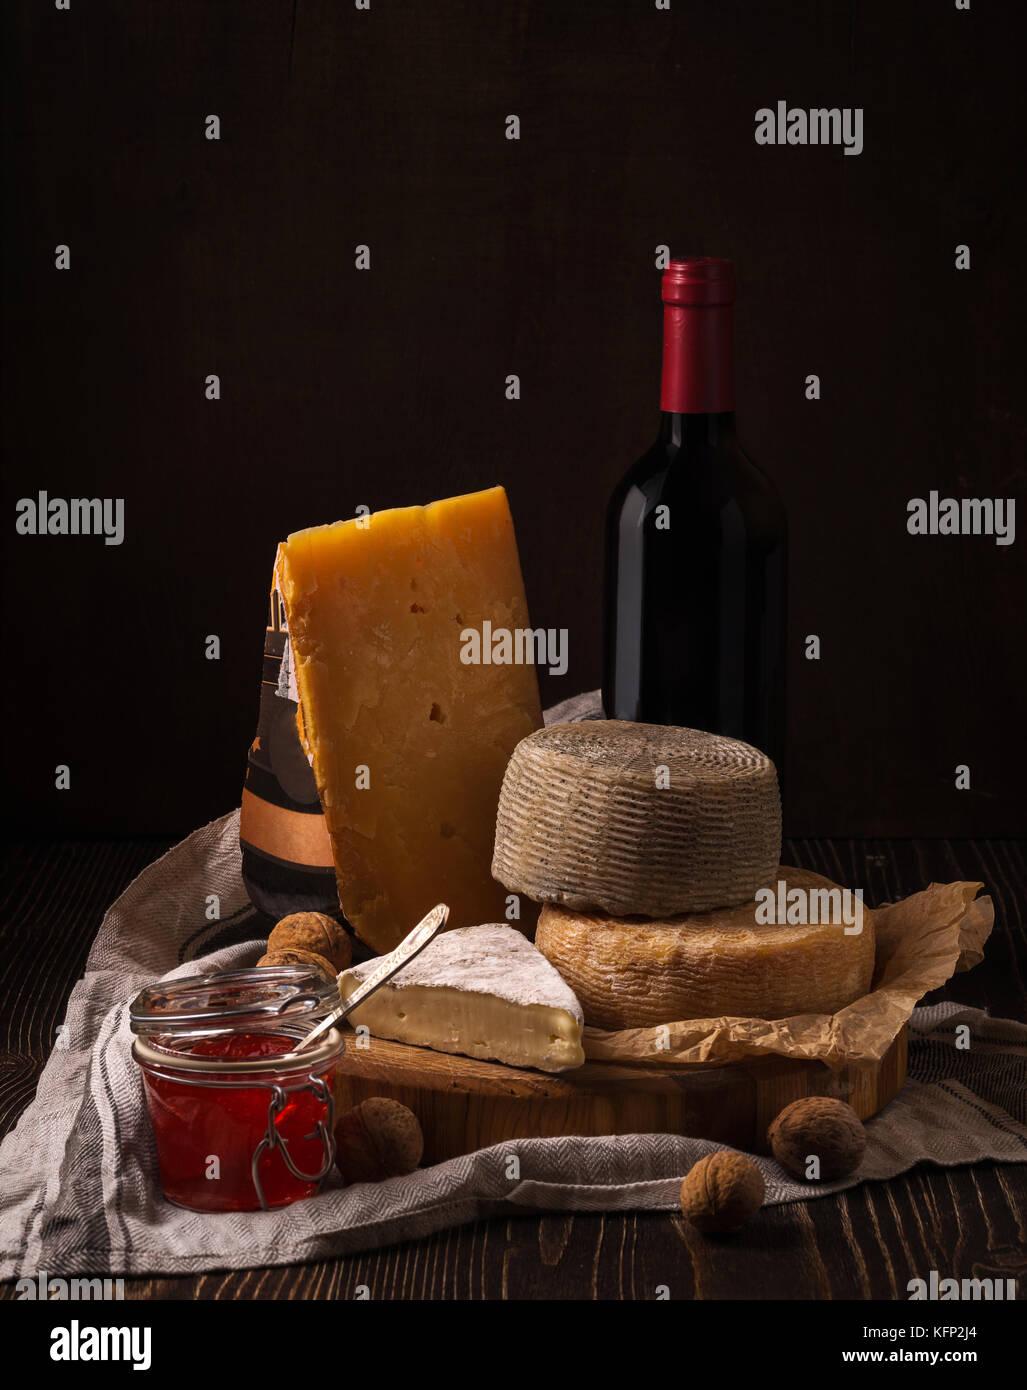 Käse, Marmelade und Wein auf der rauhen Holz Stockbild